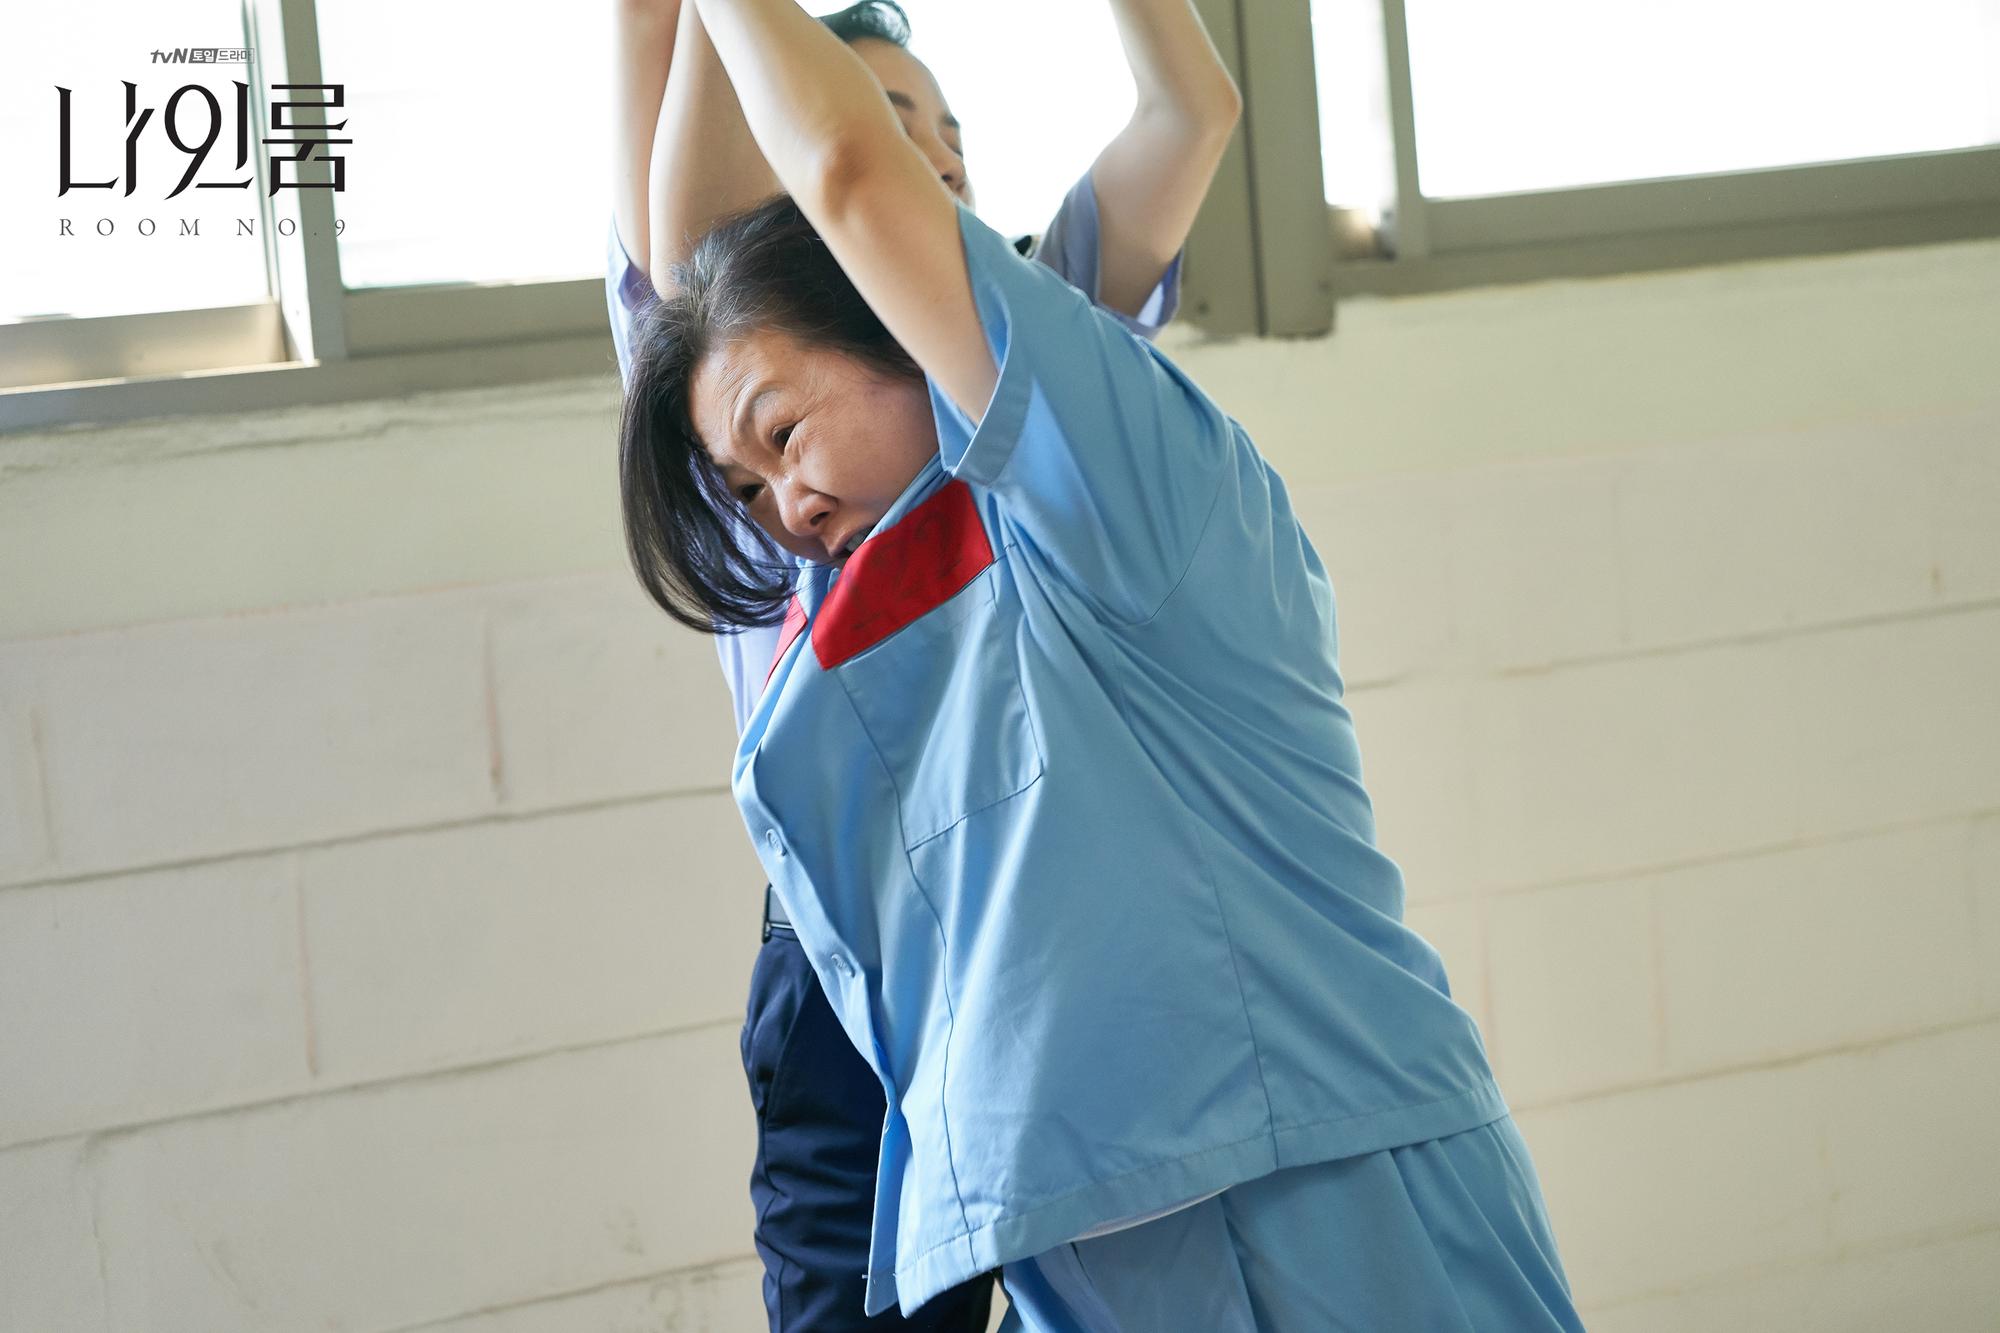 Room No. 9 của Kim Hee Sun: Đâu là sự chịu đựng khủng khiếp nhất mà một người có thể gặp phải? - Ảnh 3.